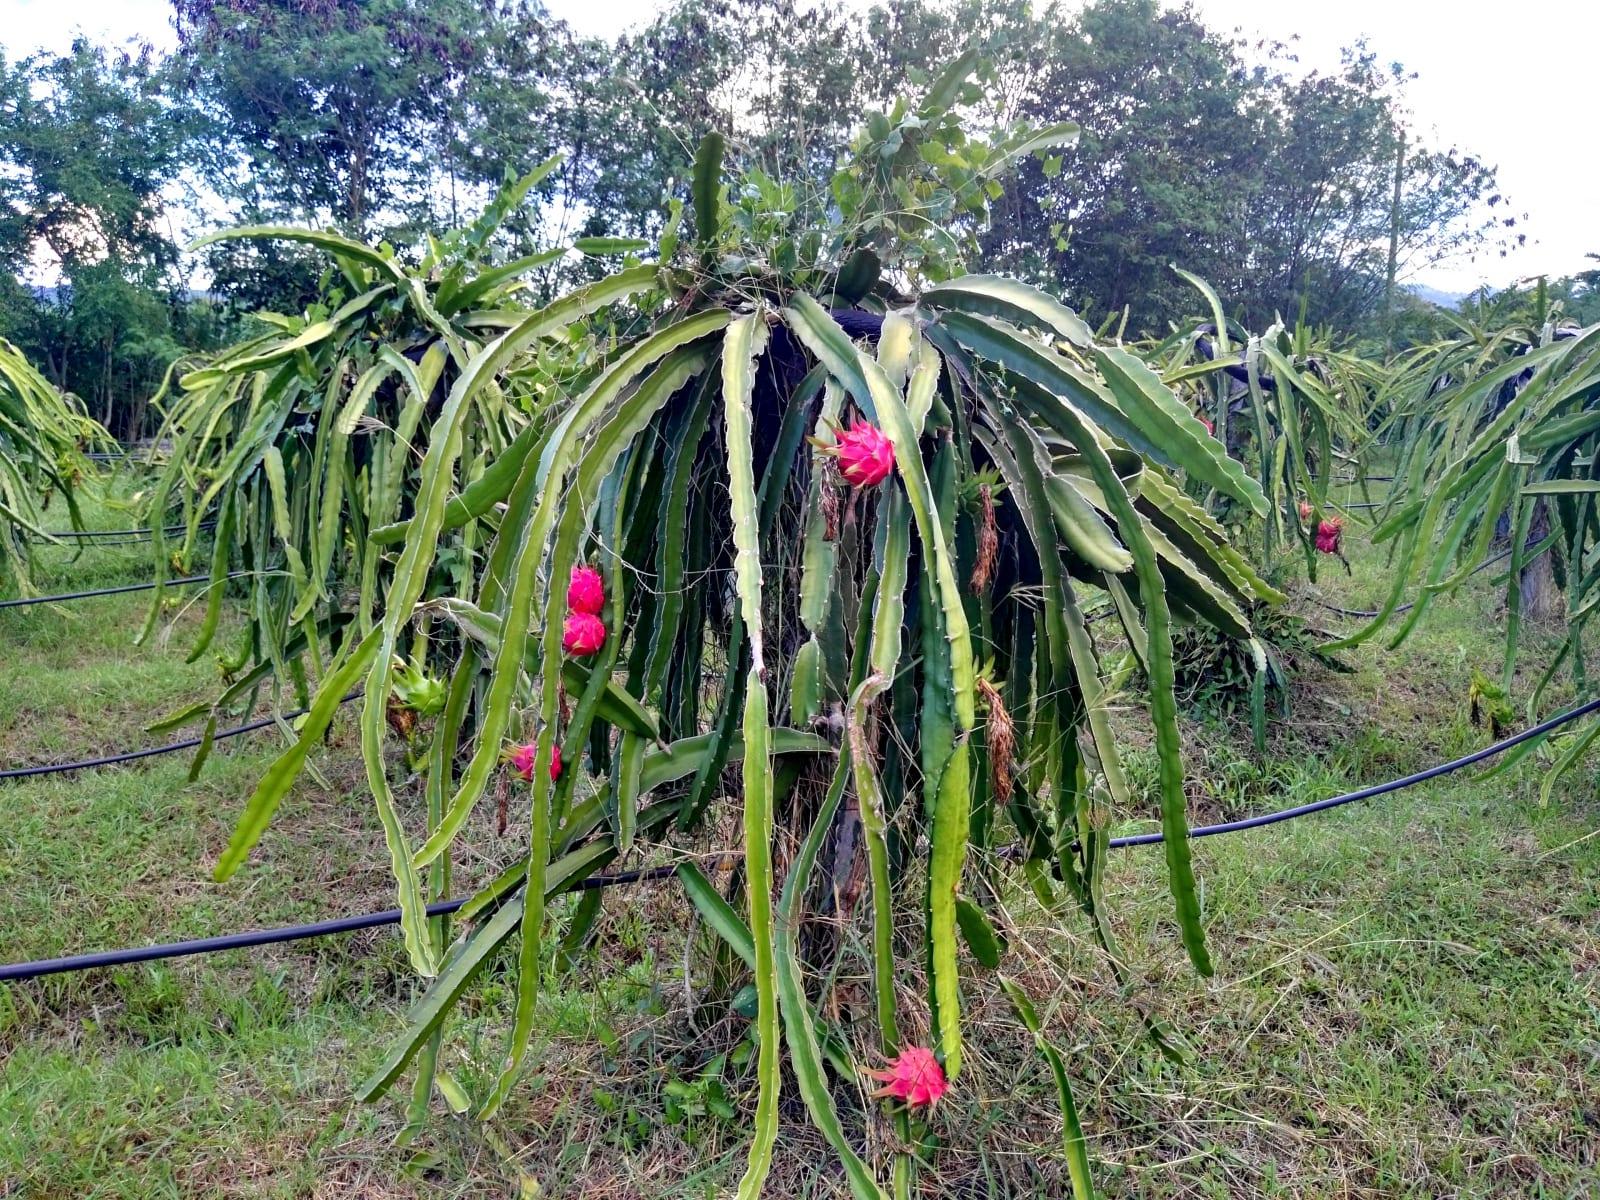 V The creek villa si můžete dopřát i čerstvé ovoce z jejich vlastní farmy, Loei, Thajsko